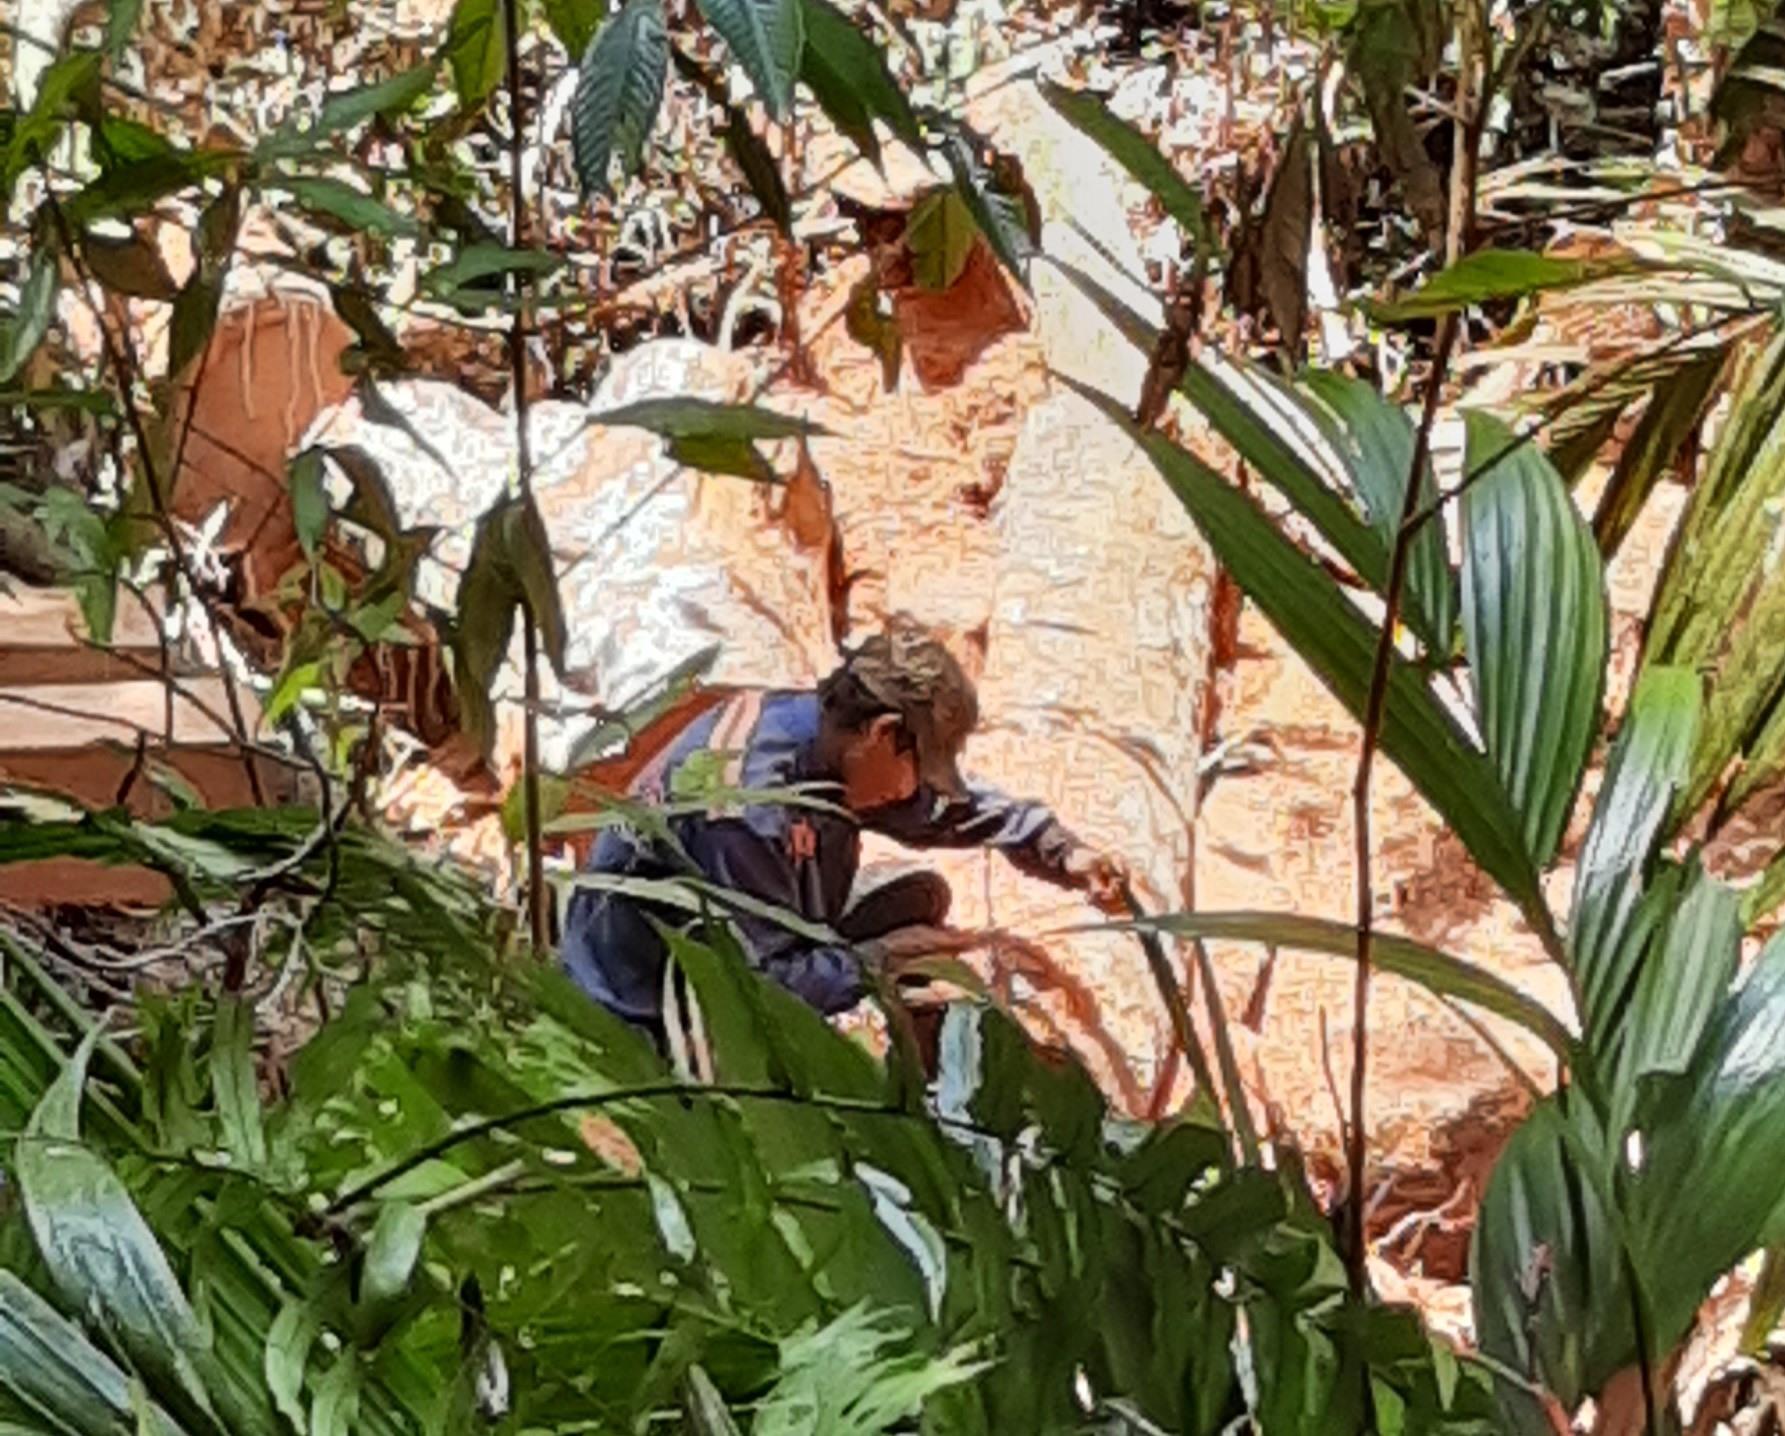 Một đối tượng khai thác rừng trái phép. Ảnh: THANH THẮNG